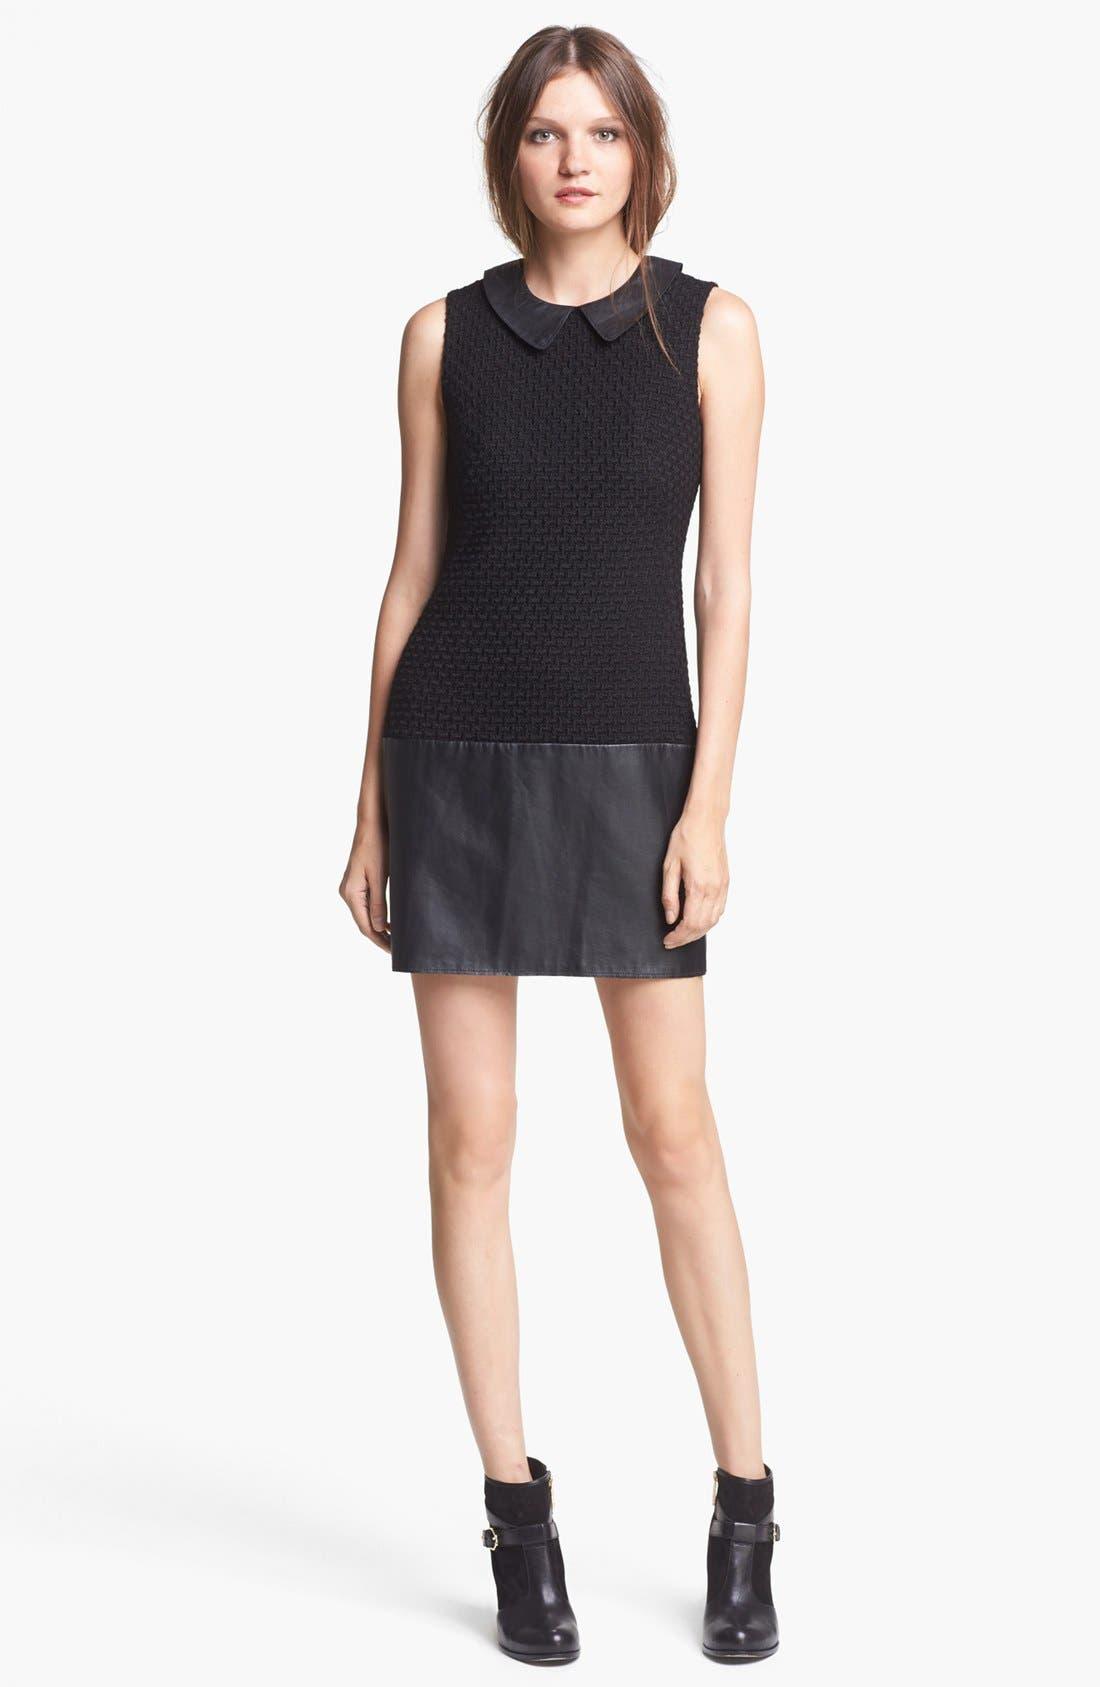 Main Image - Rachel Zoe 'Dallas' Leather & Wool Blend Dress